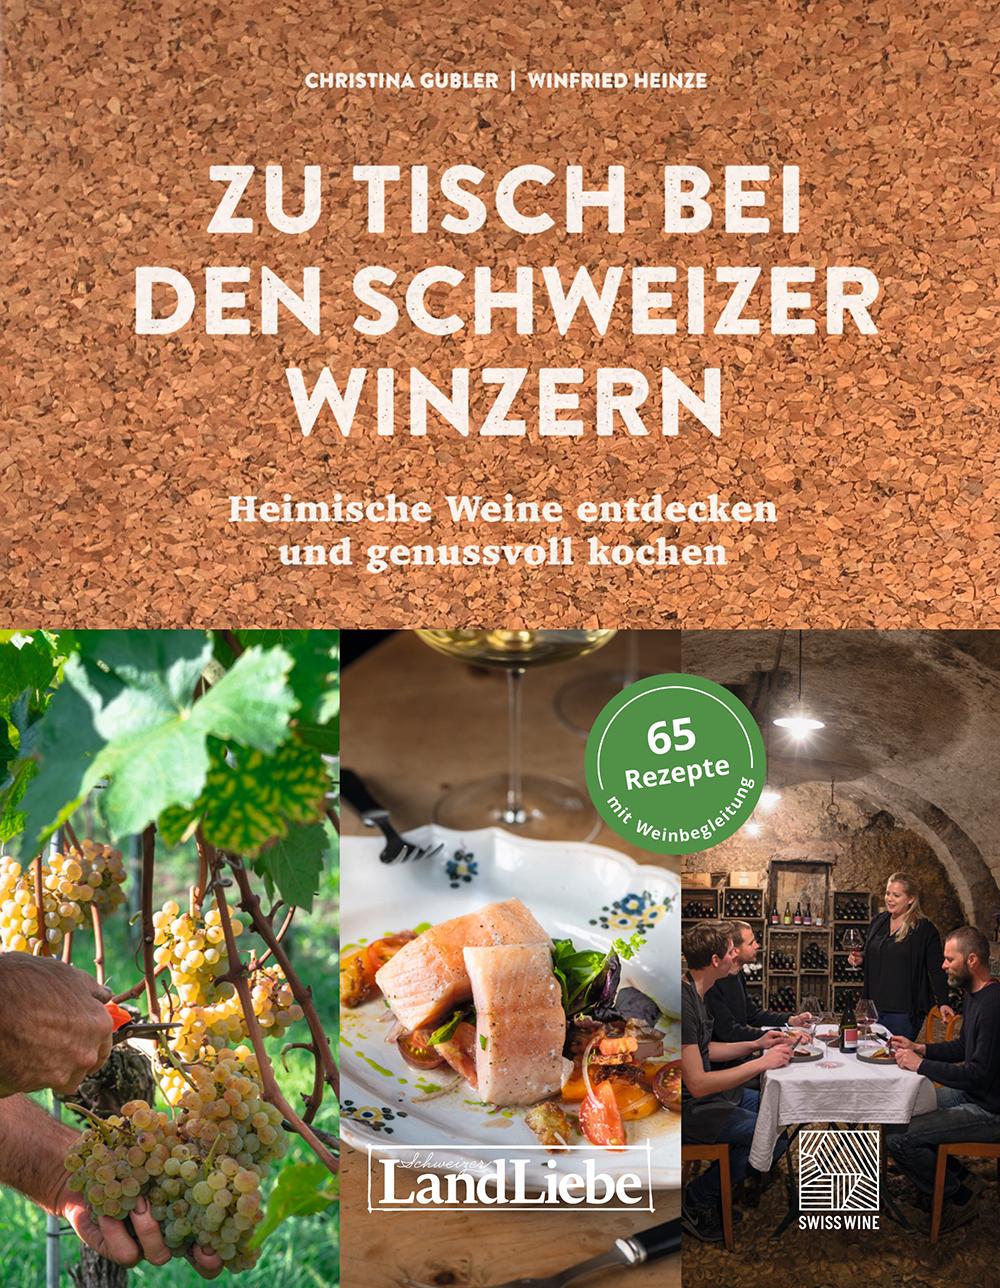 Cover_Internet_Zu_Tisch_bei_den_Winzern.jpg